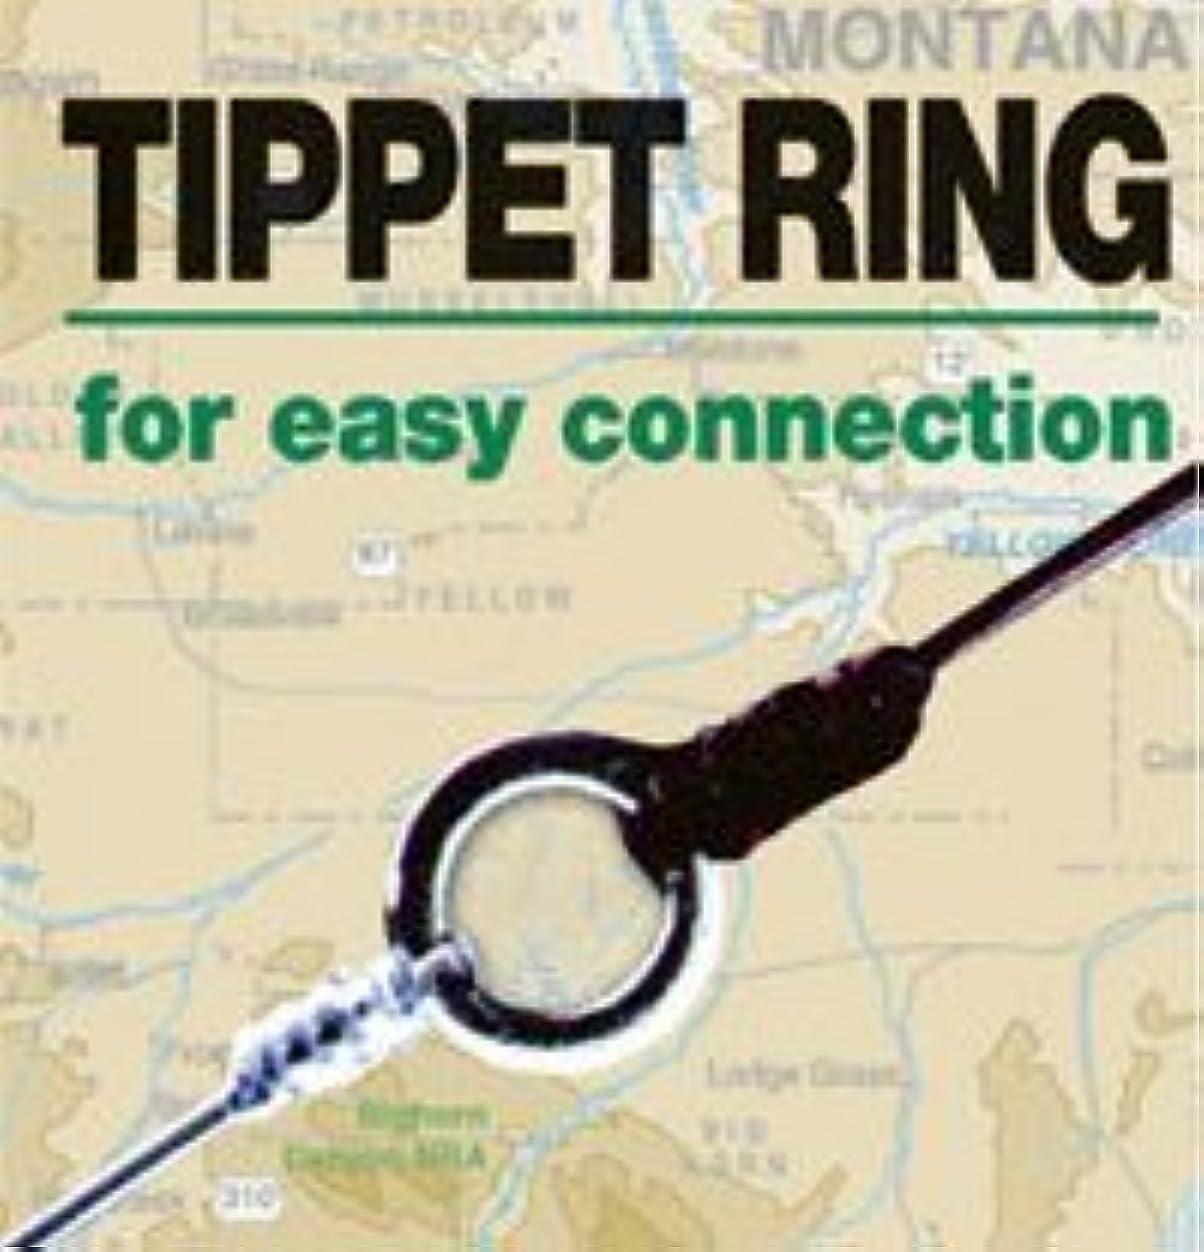 非難する贈り物回転XL Climax Tippet Rings for Fly Fishing Leaders 40 /3mm